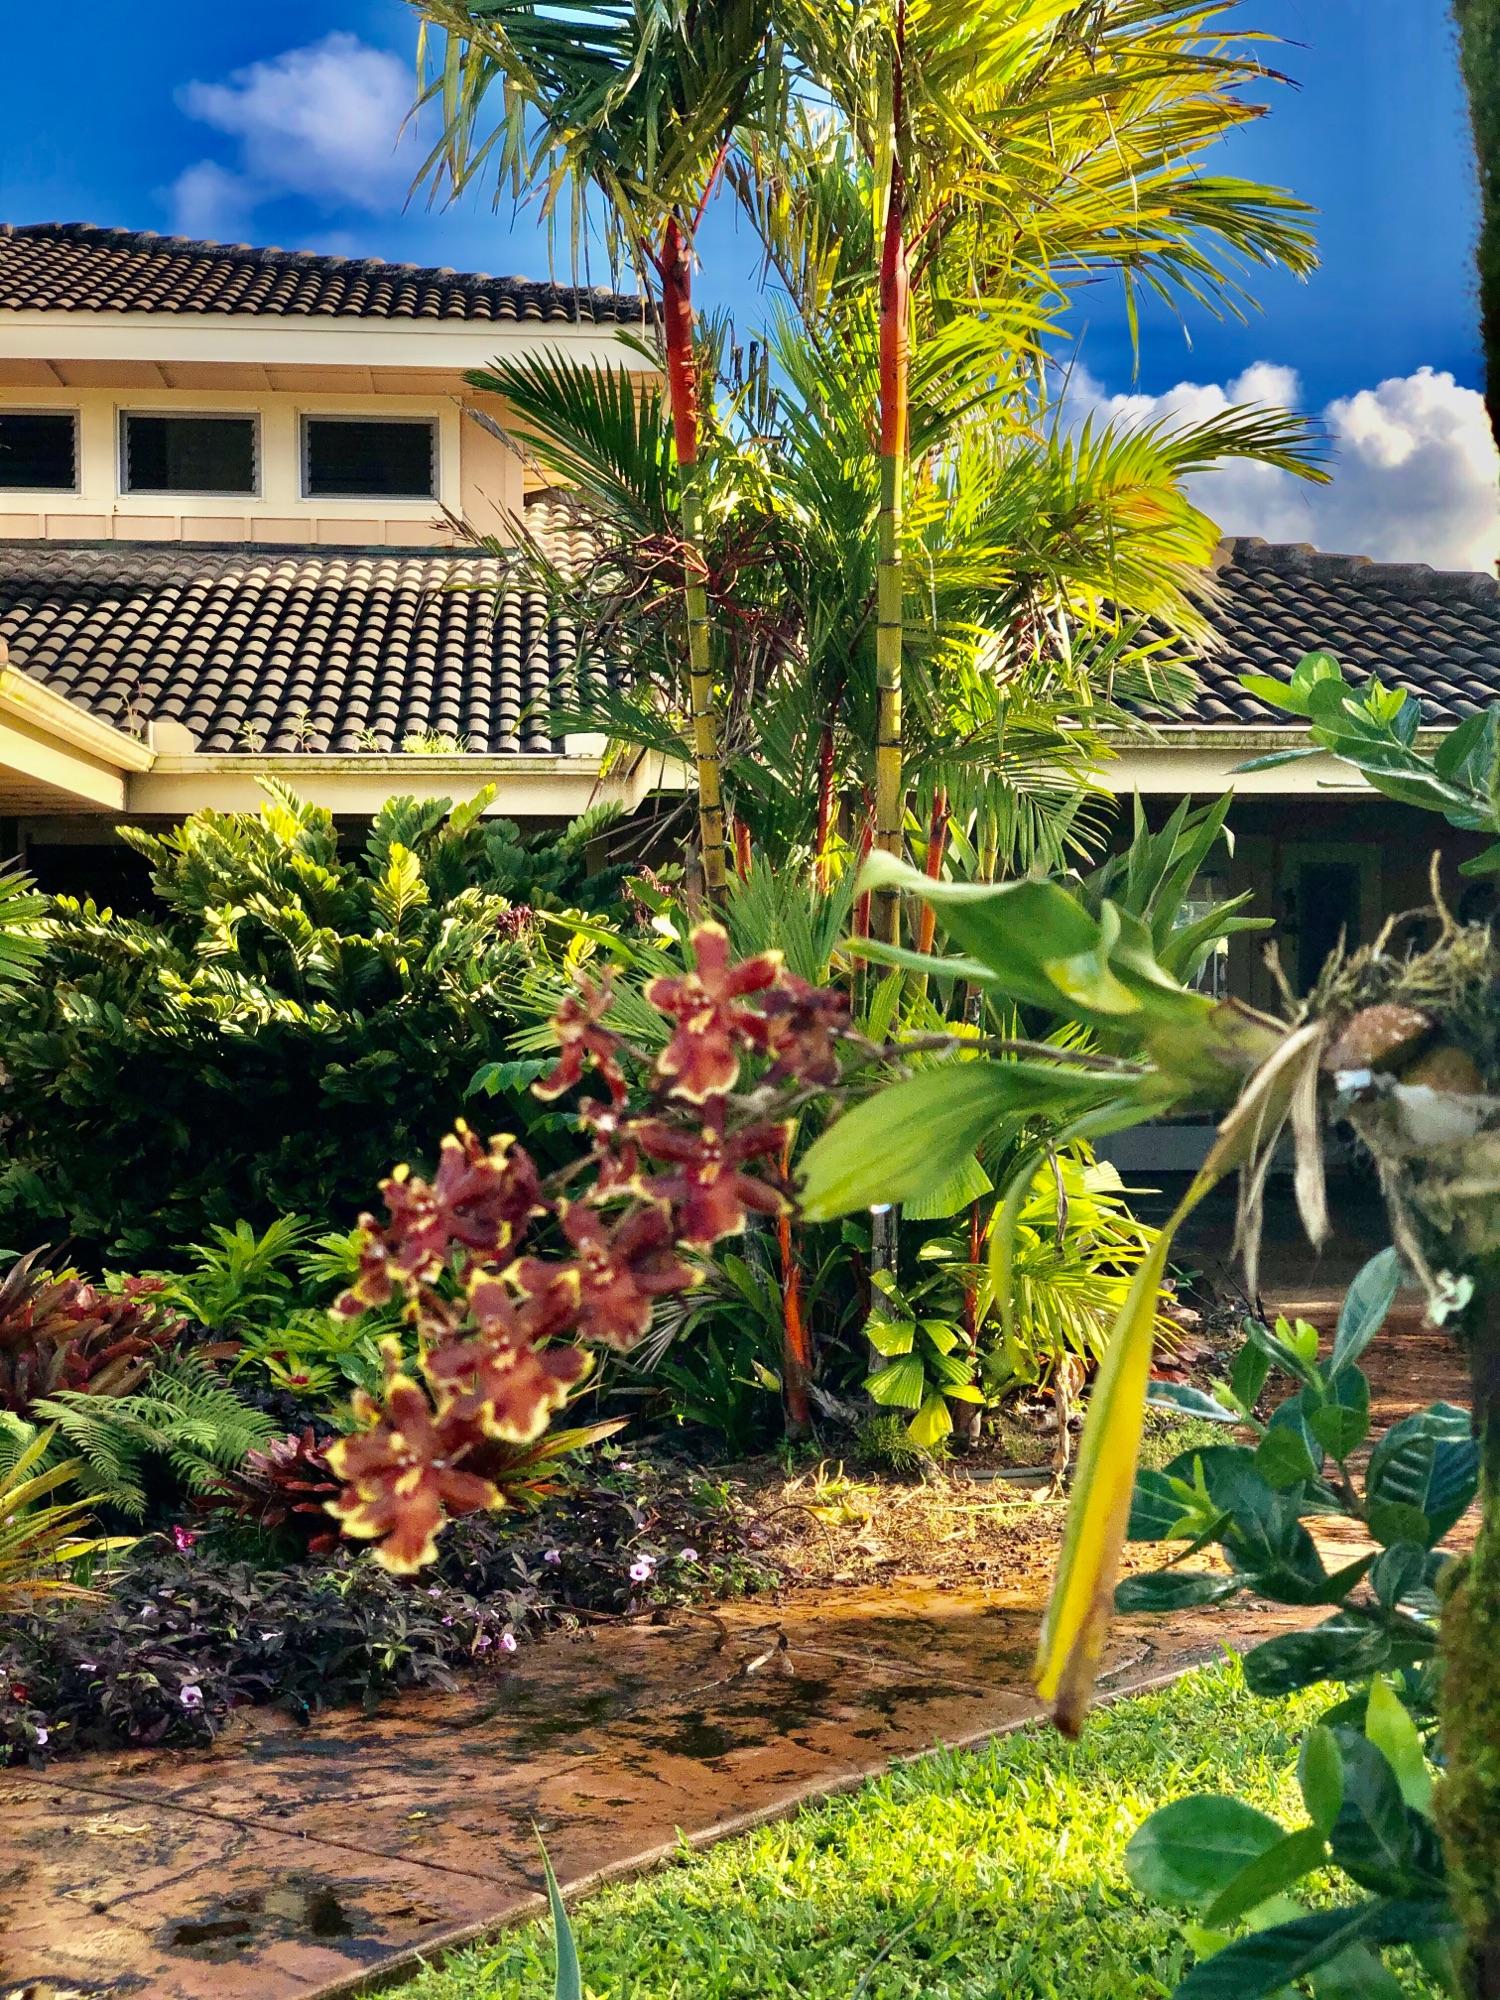 Орхидея, которую полгода тому назад я прикрутила к пальме уезжая. Не надеясь на успех.А она молодцом! И цвет какой редкий.